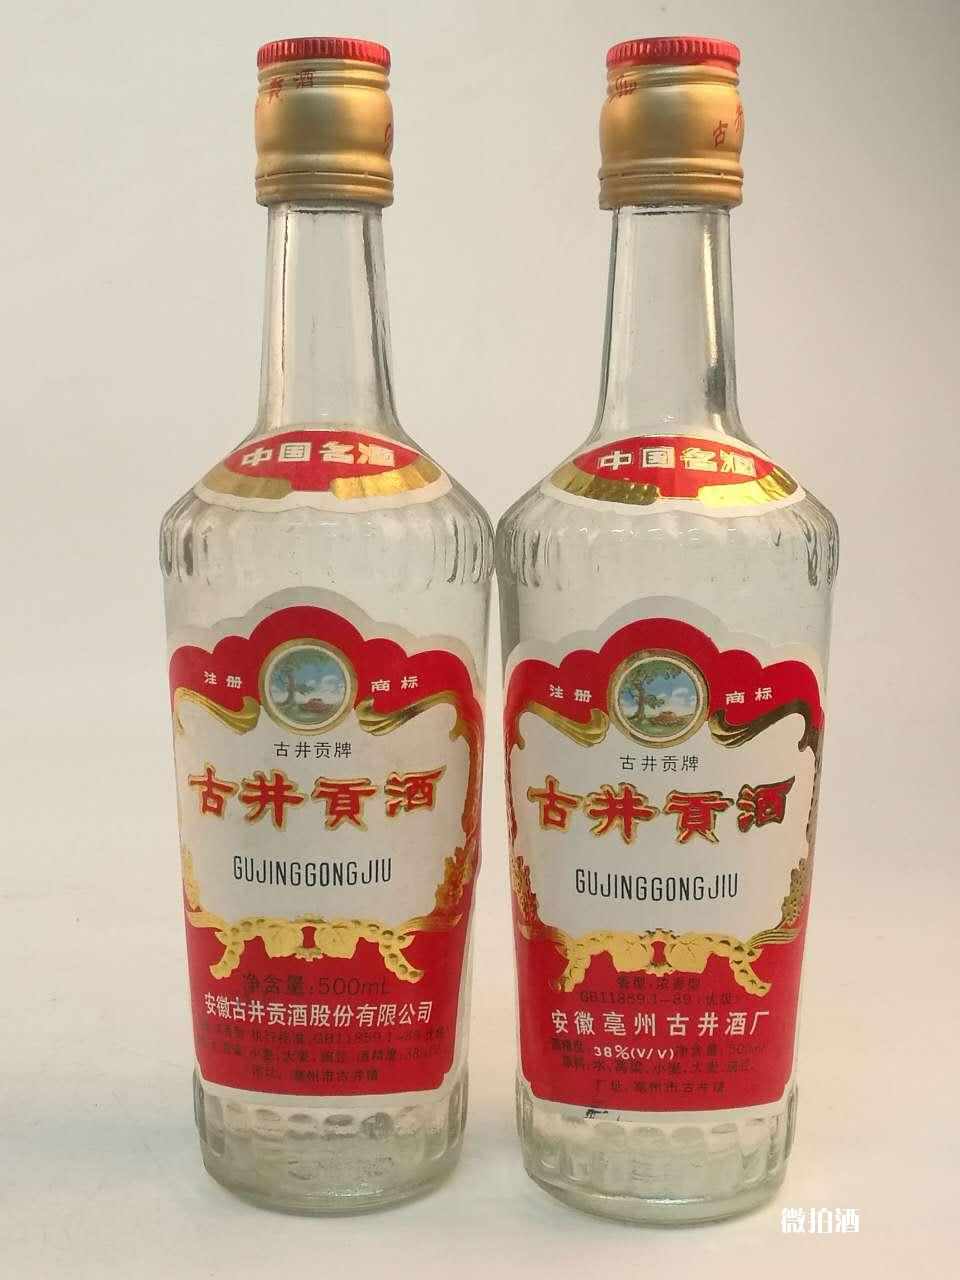 西安名酒回收告诉你四大名酒、八大名酒、十三名酒、十七名酒